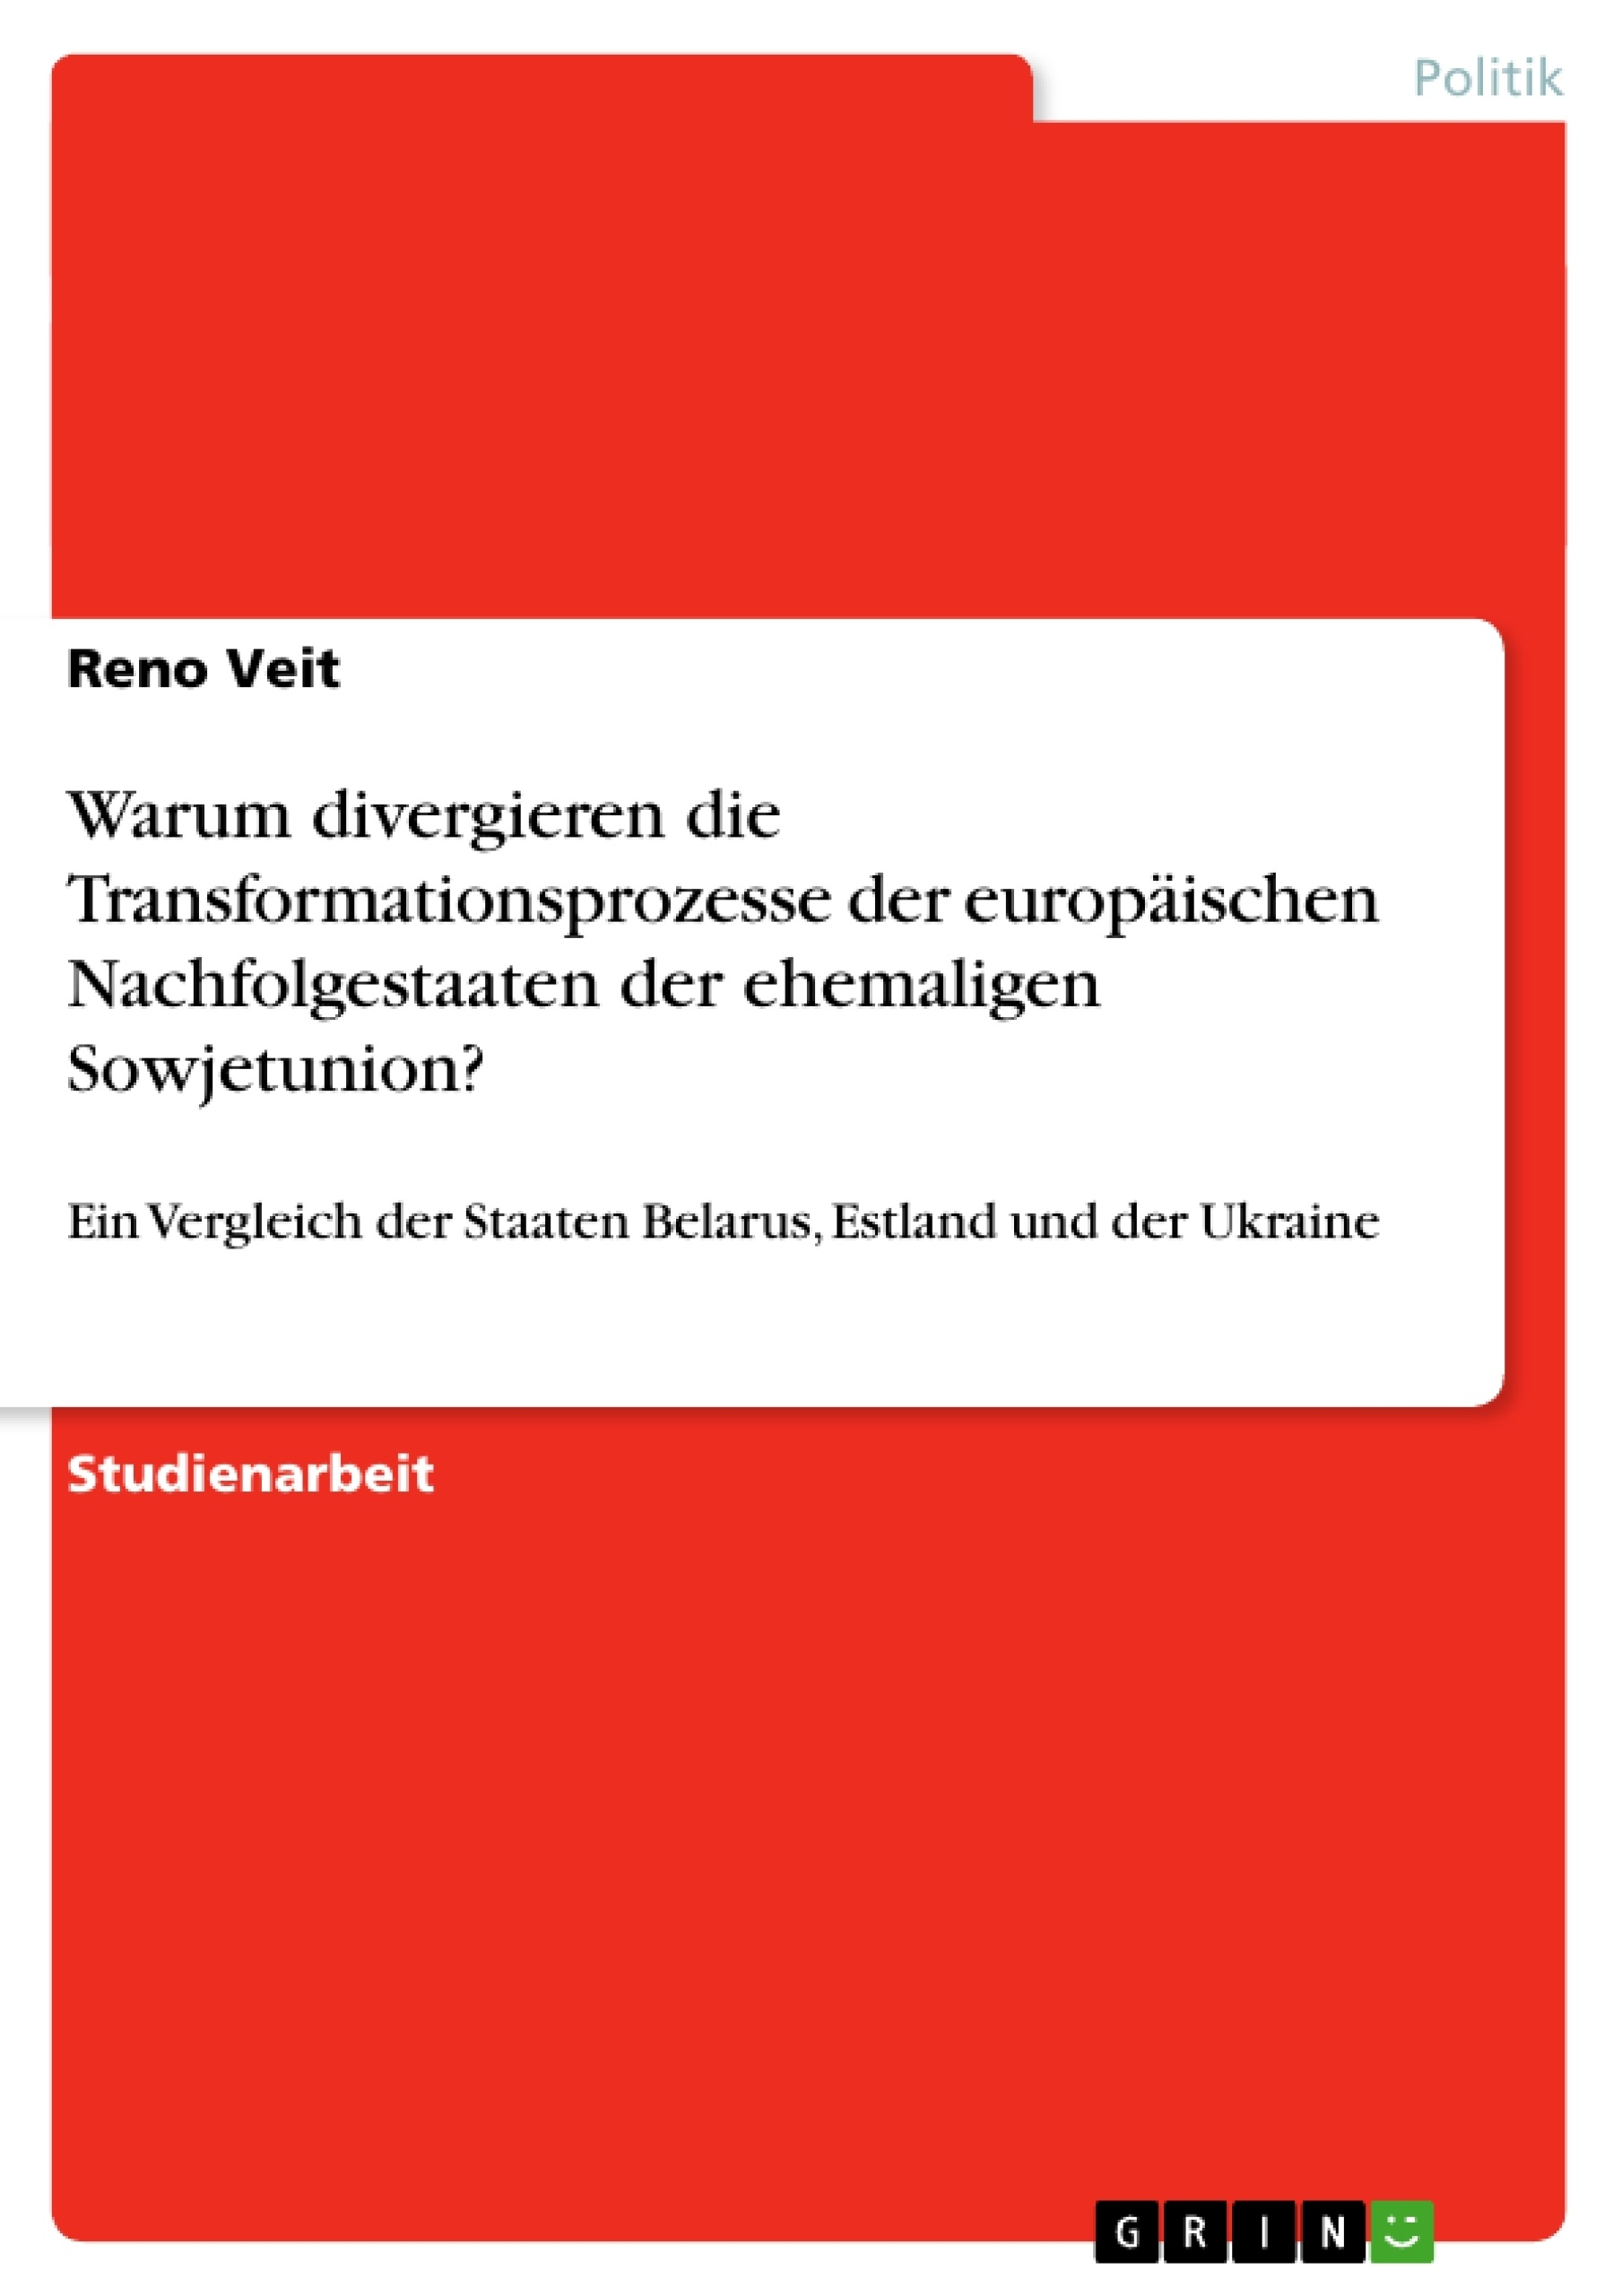 Titel: Warum divergieren die Transformationsprozesse der europäischen Nachfolgestaaten der ehemaligen Sowjetunion?